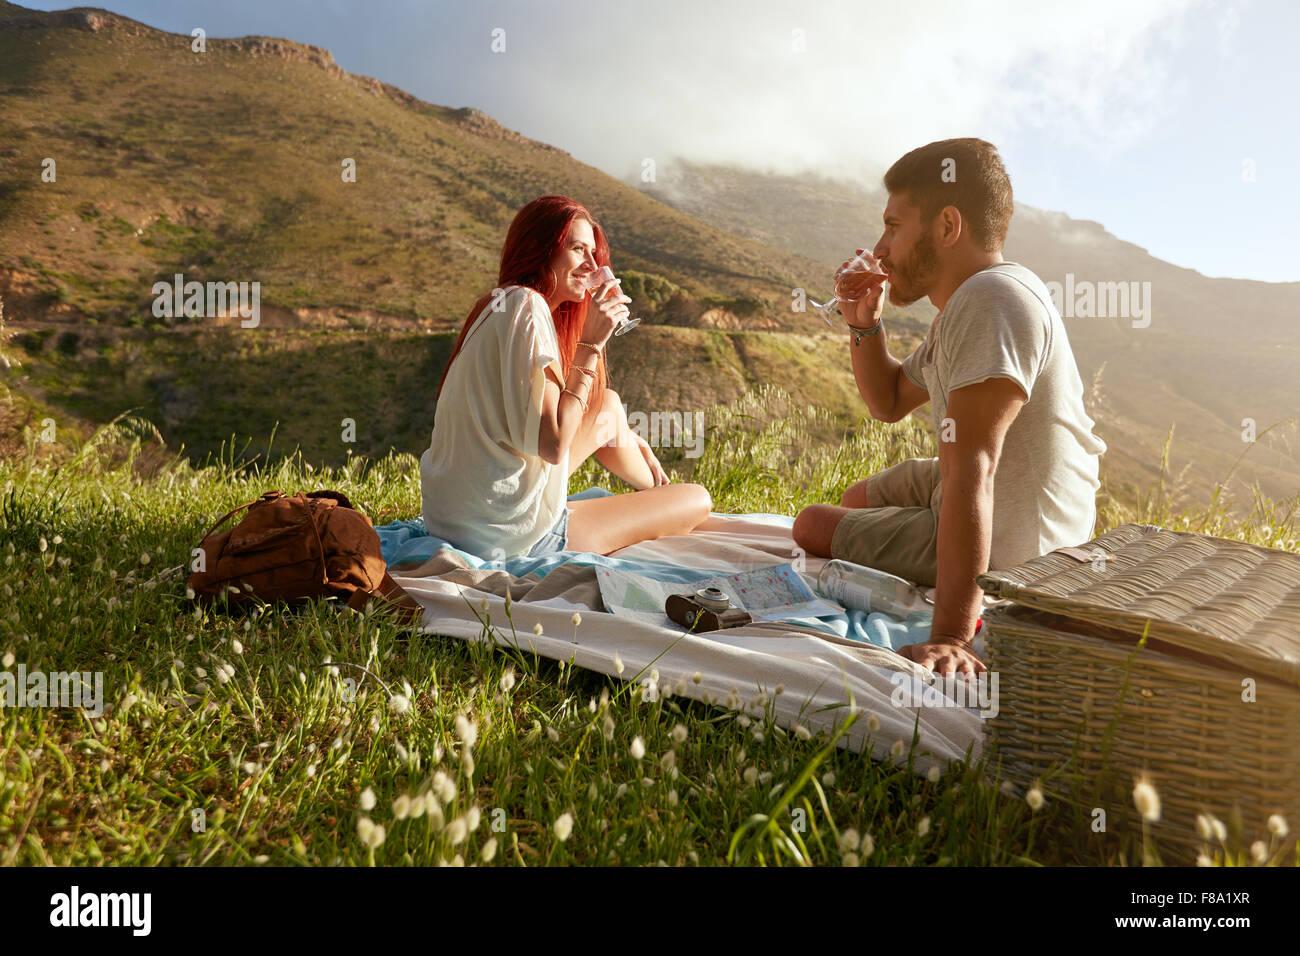 Tourné en plein air d'un jeune couple drinking wine. L'homme et la femme détendue sur les vacances Photo Stock